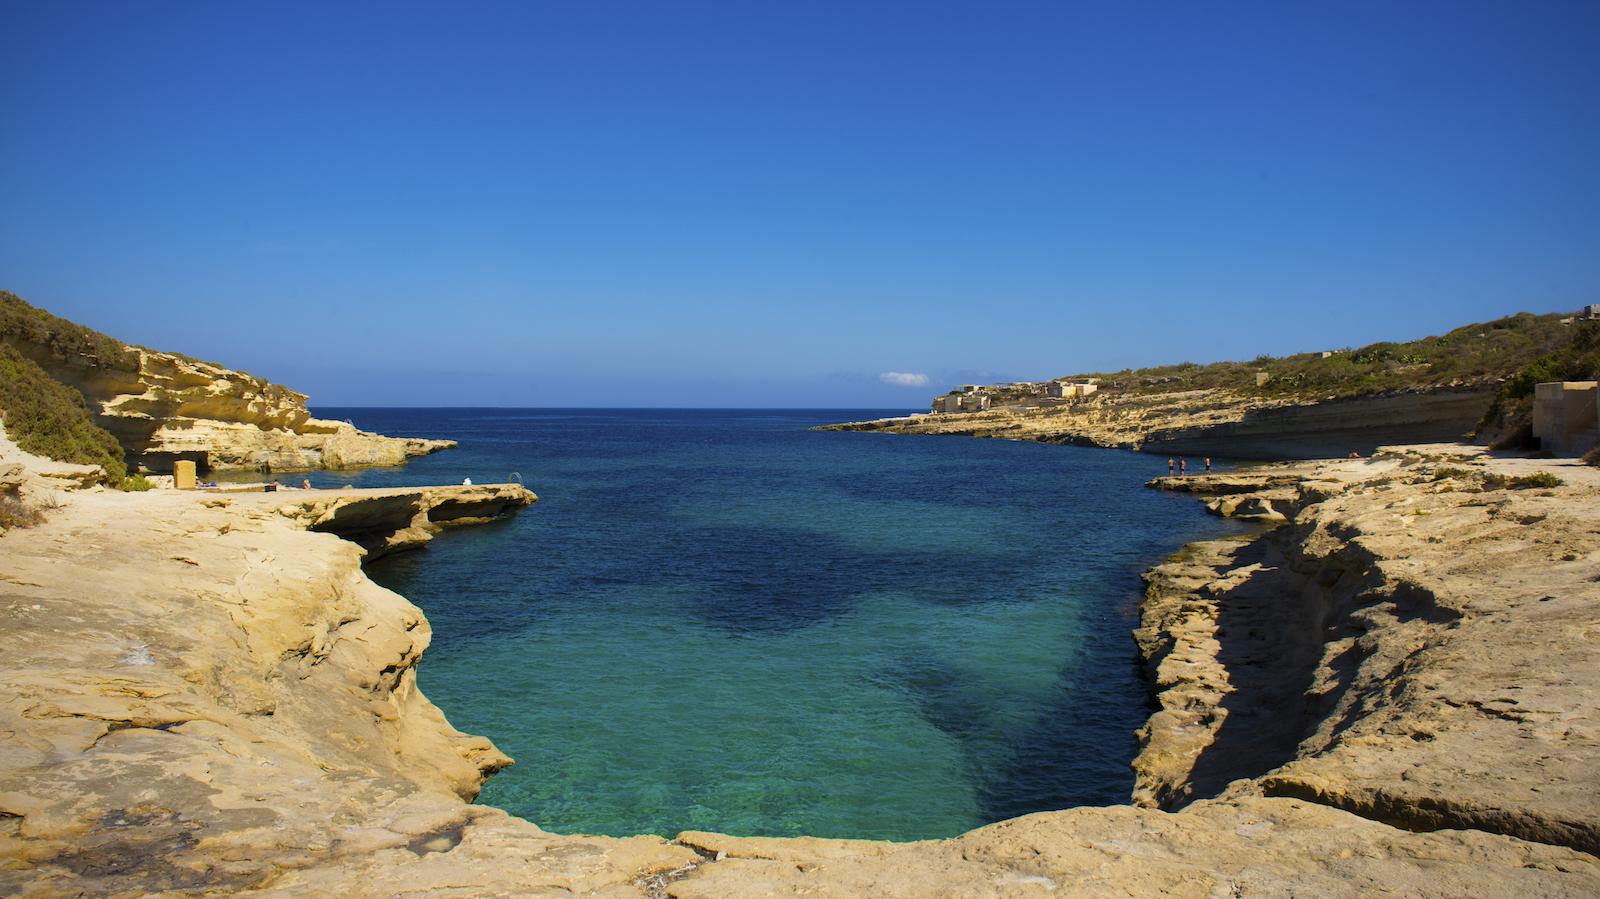 Alla scoperta delle spiagge di Malta meno conosciute